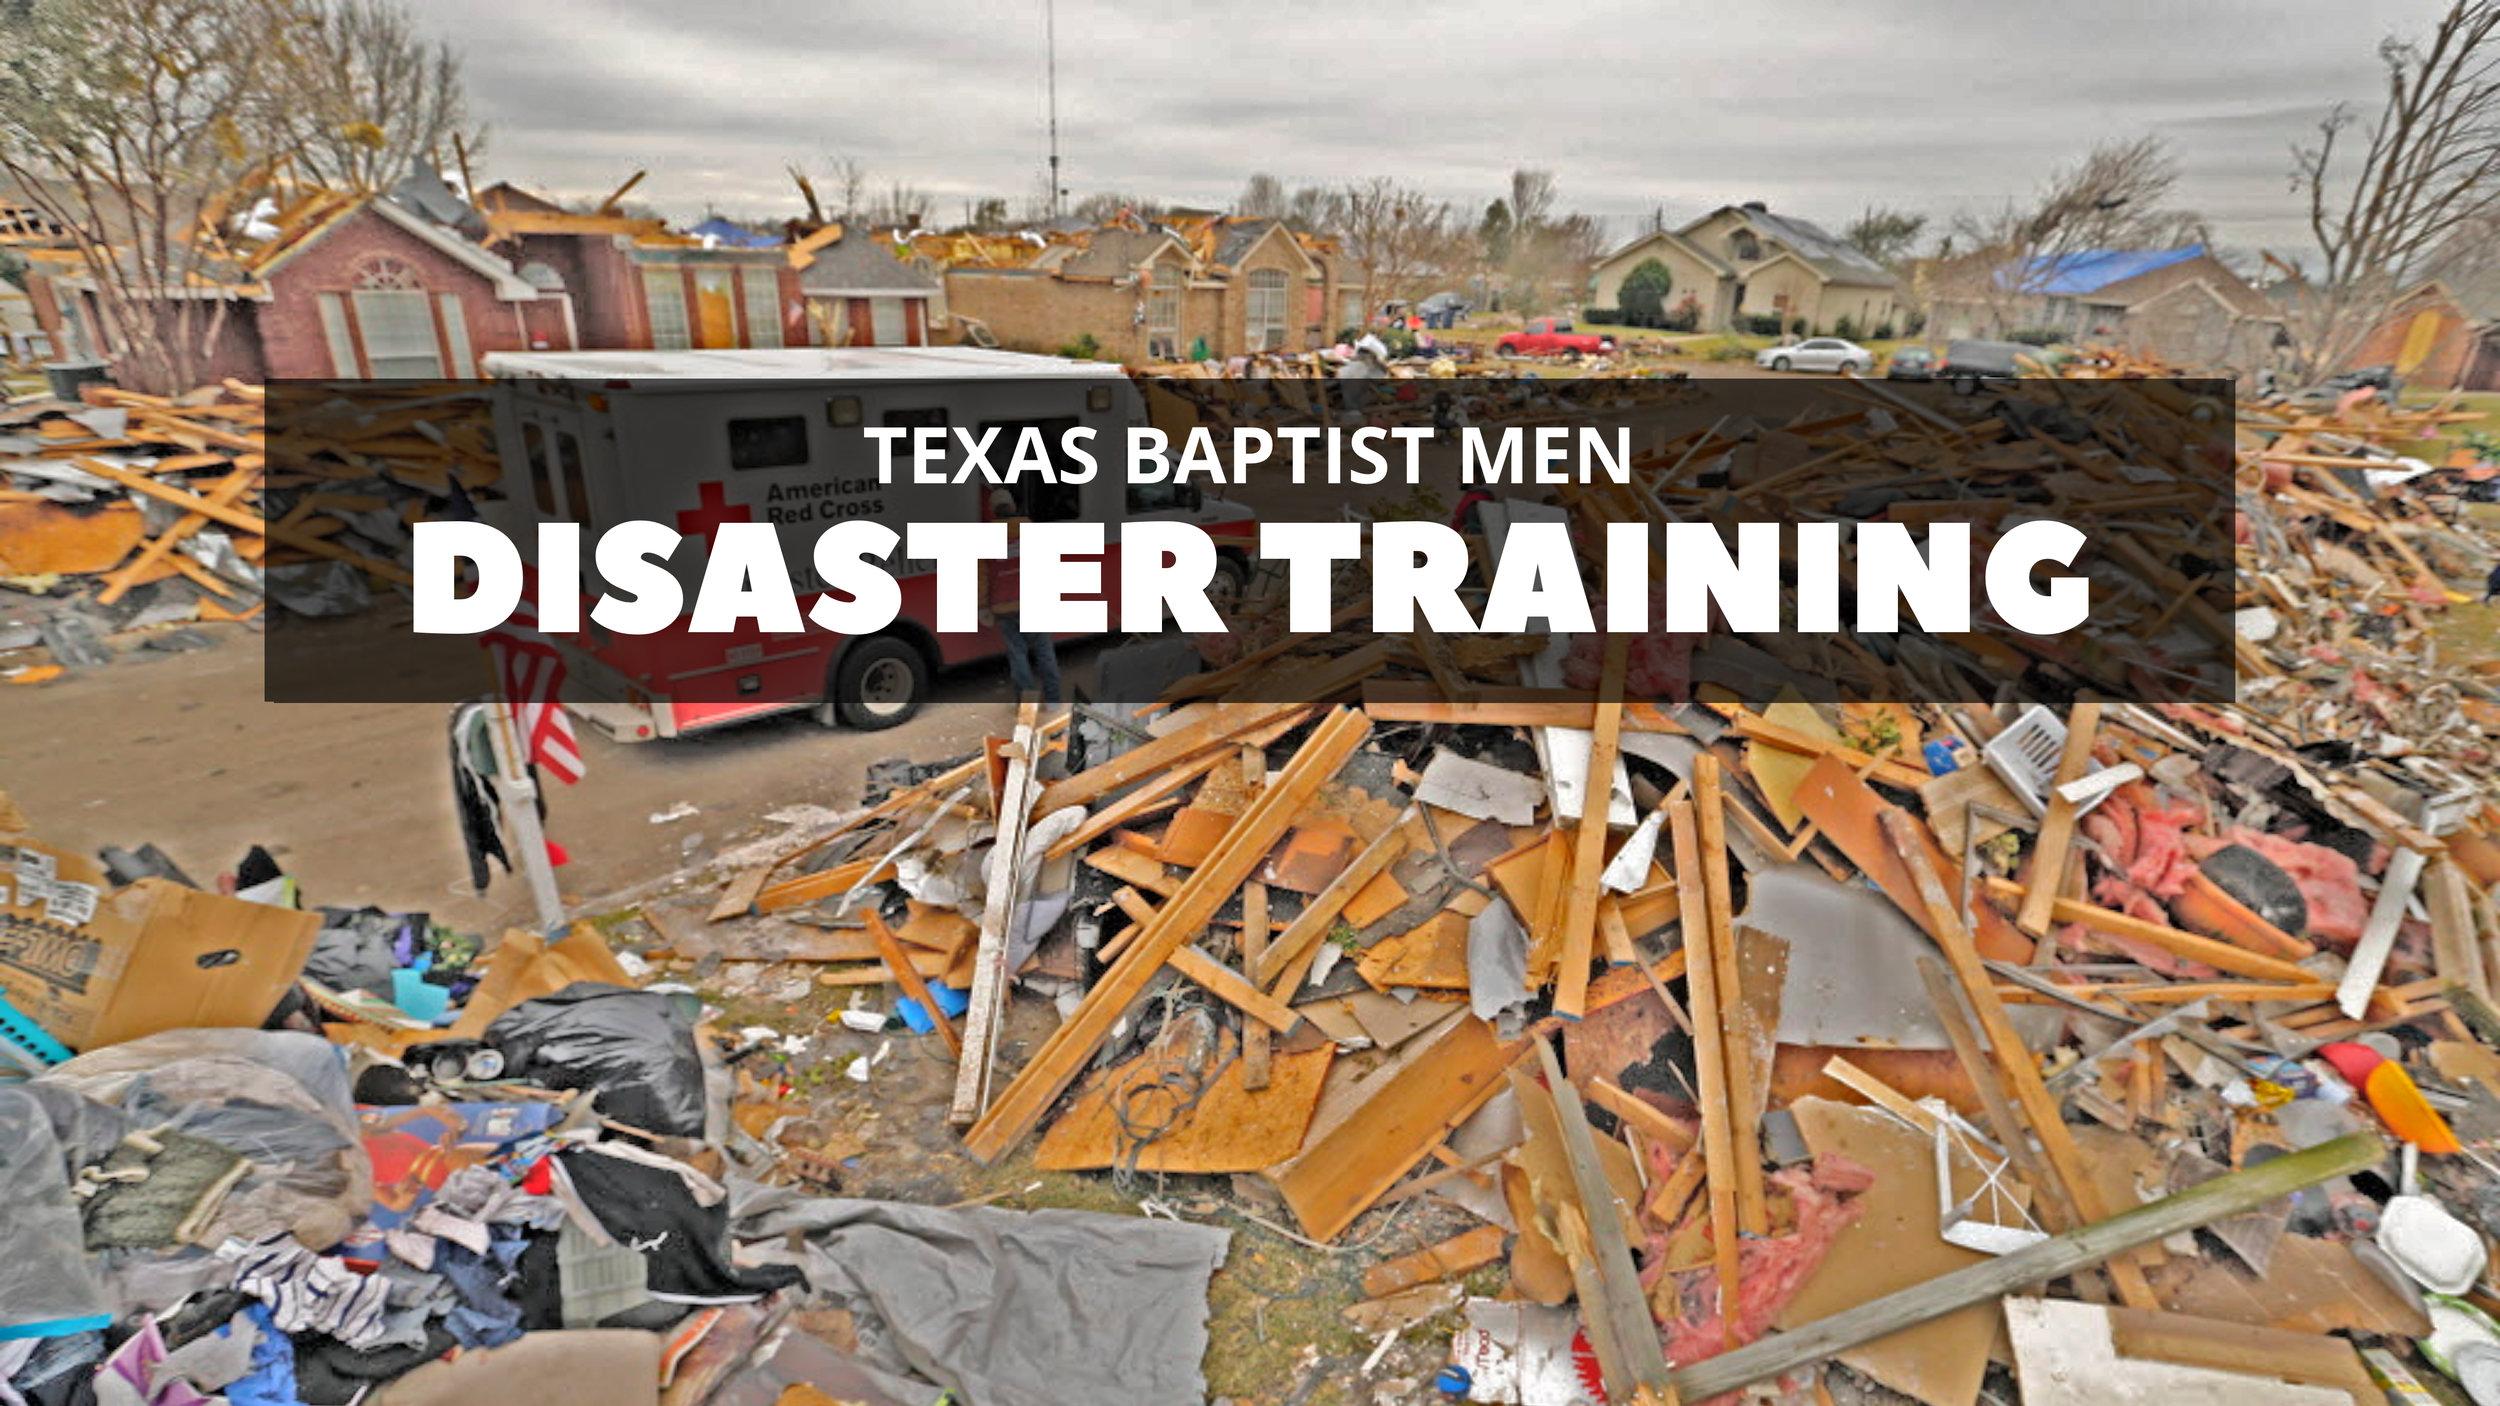 2018.02.24 TBM Disaster Training Header.jpg